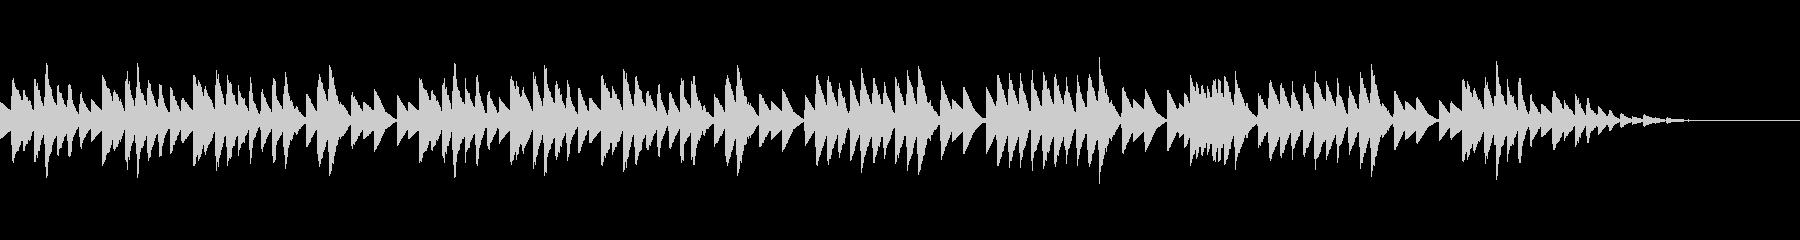 8bitクラシック-グノシエンヌ-の未再生の波形